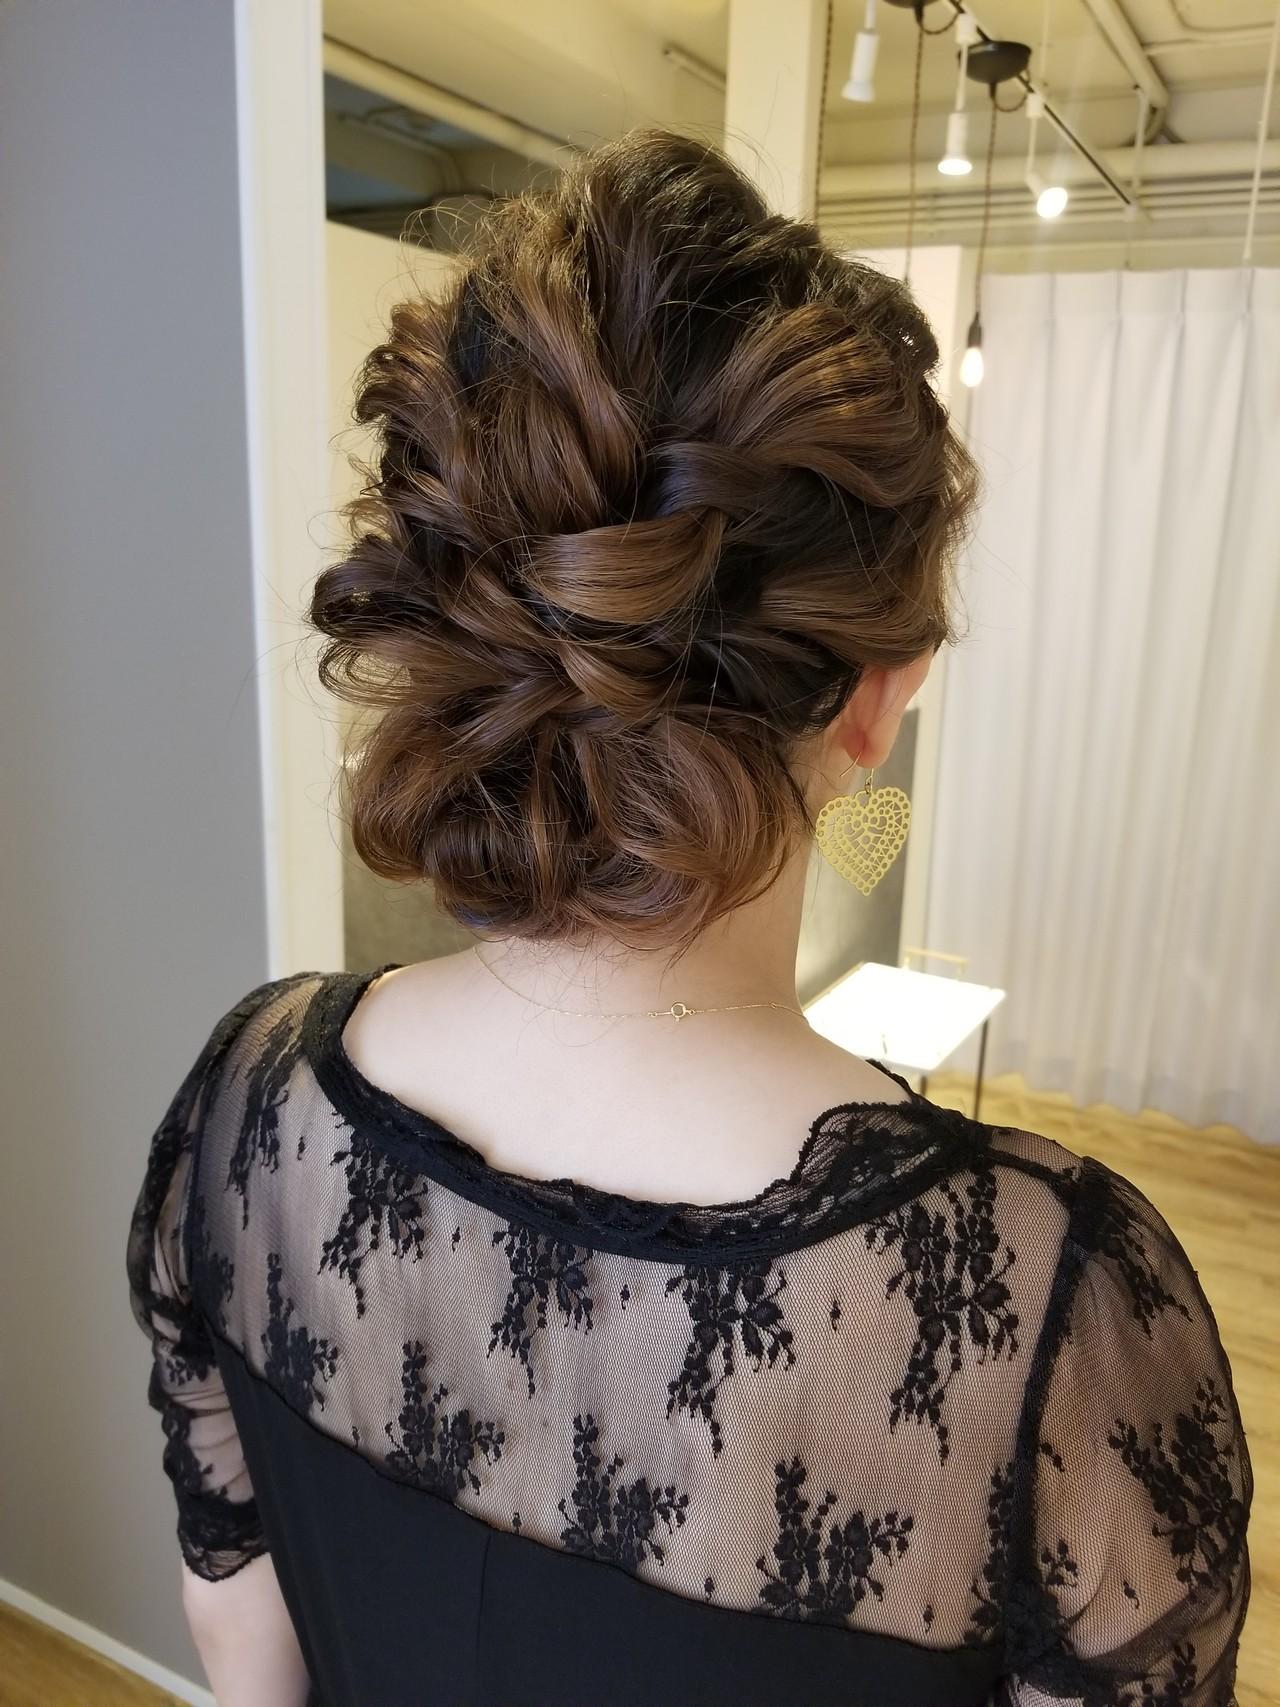 セミロング 簡単ヘアアレンジ ヘアアレンジ 結婚式 ヘアスタイルや髪型の写真・画像